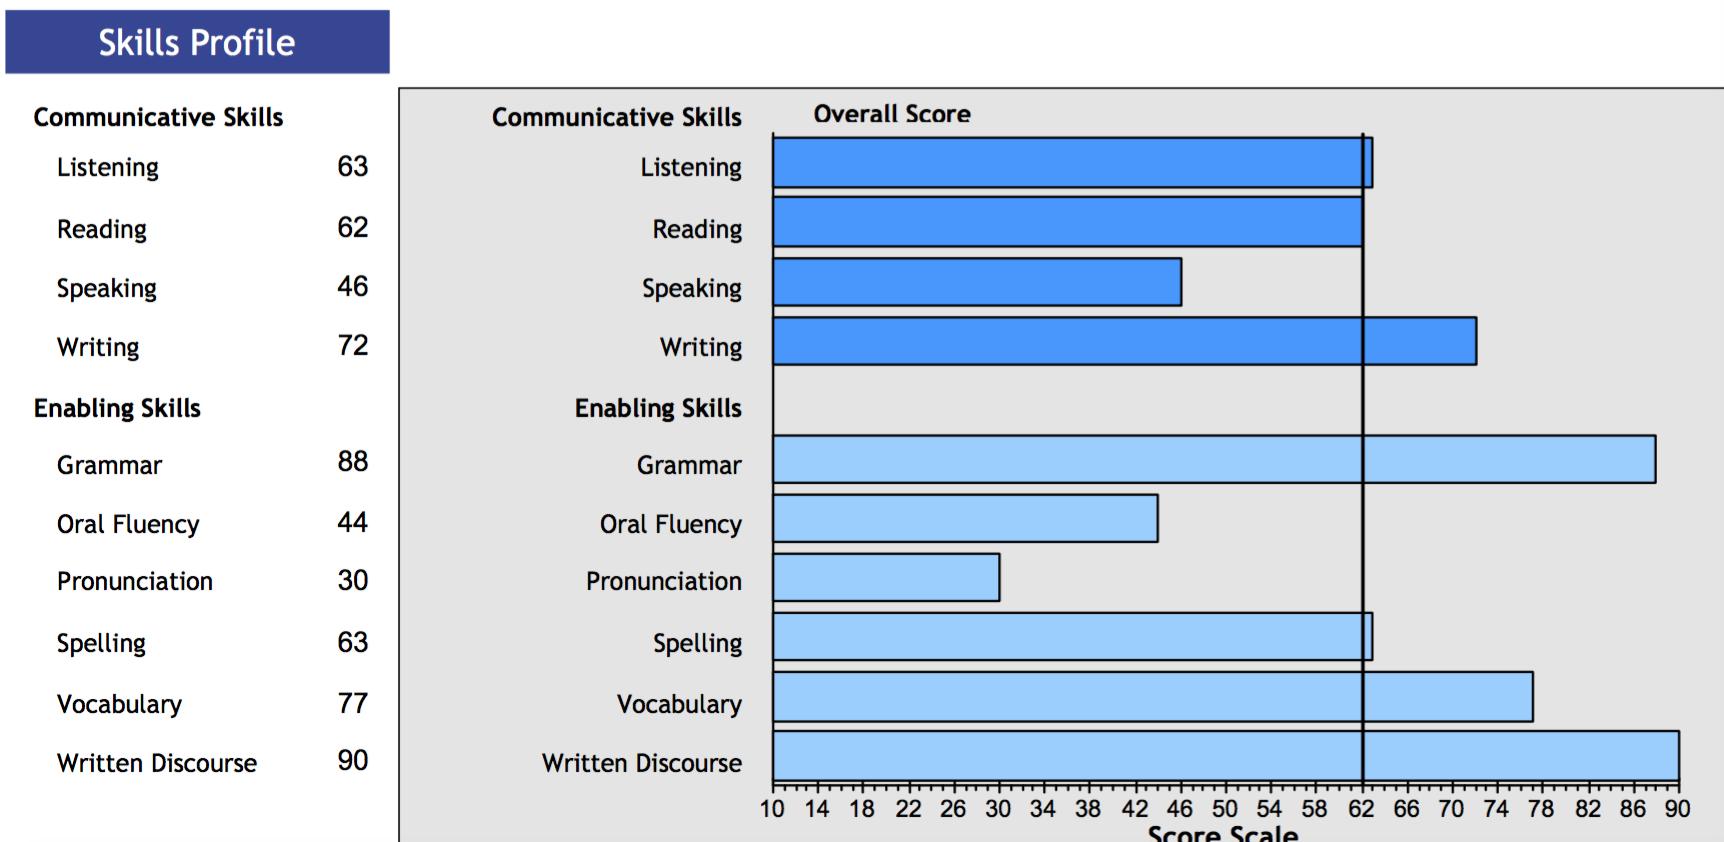 墨尔本PTE考试复习备战必读知识贴:PTE口语评分标准详解Oral Fluency